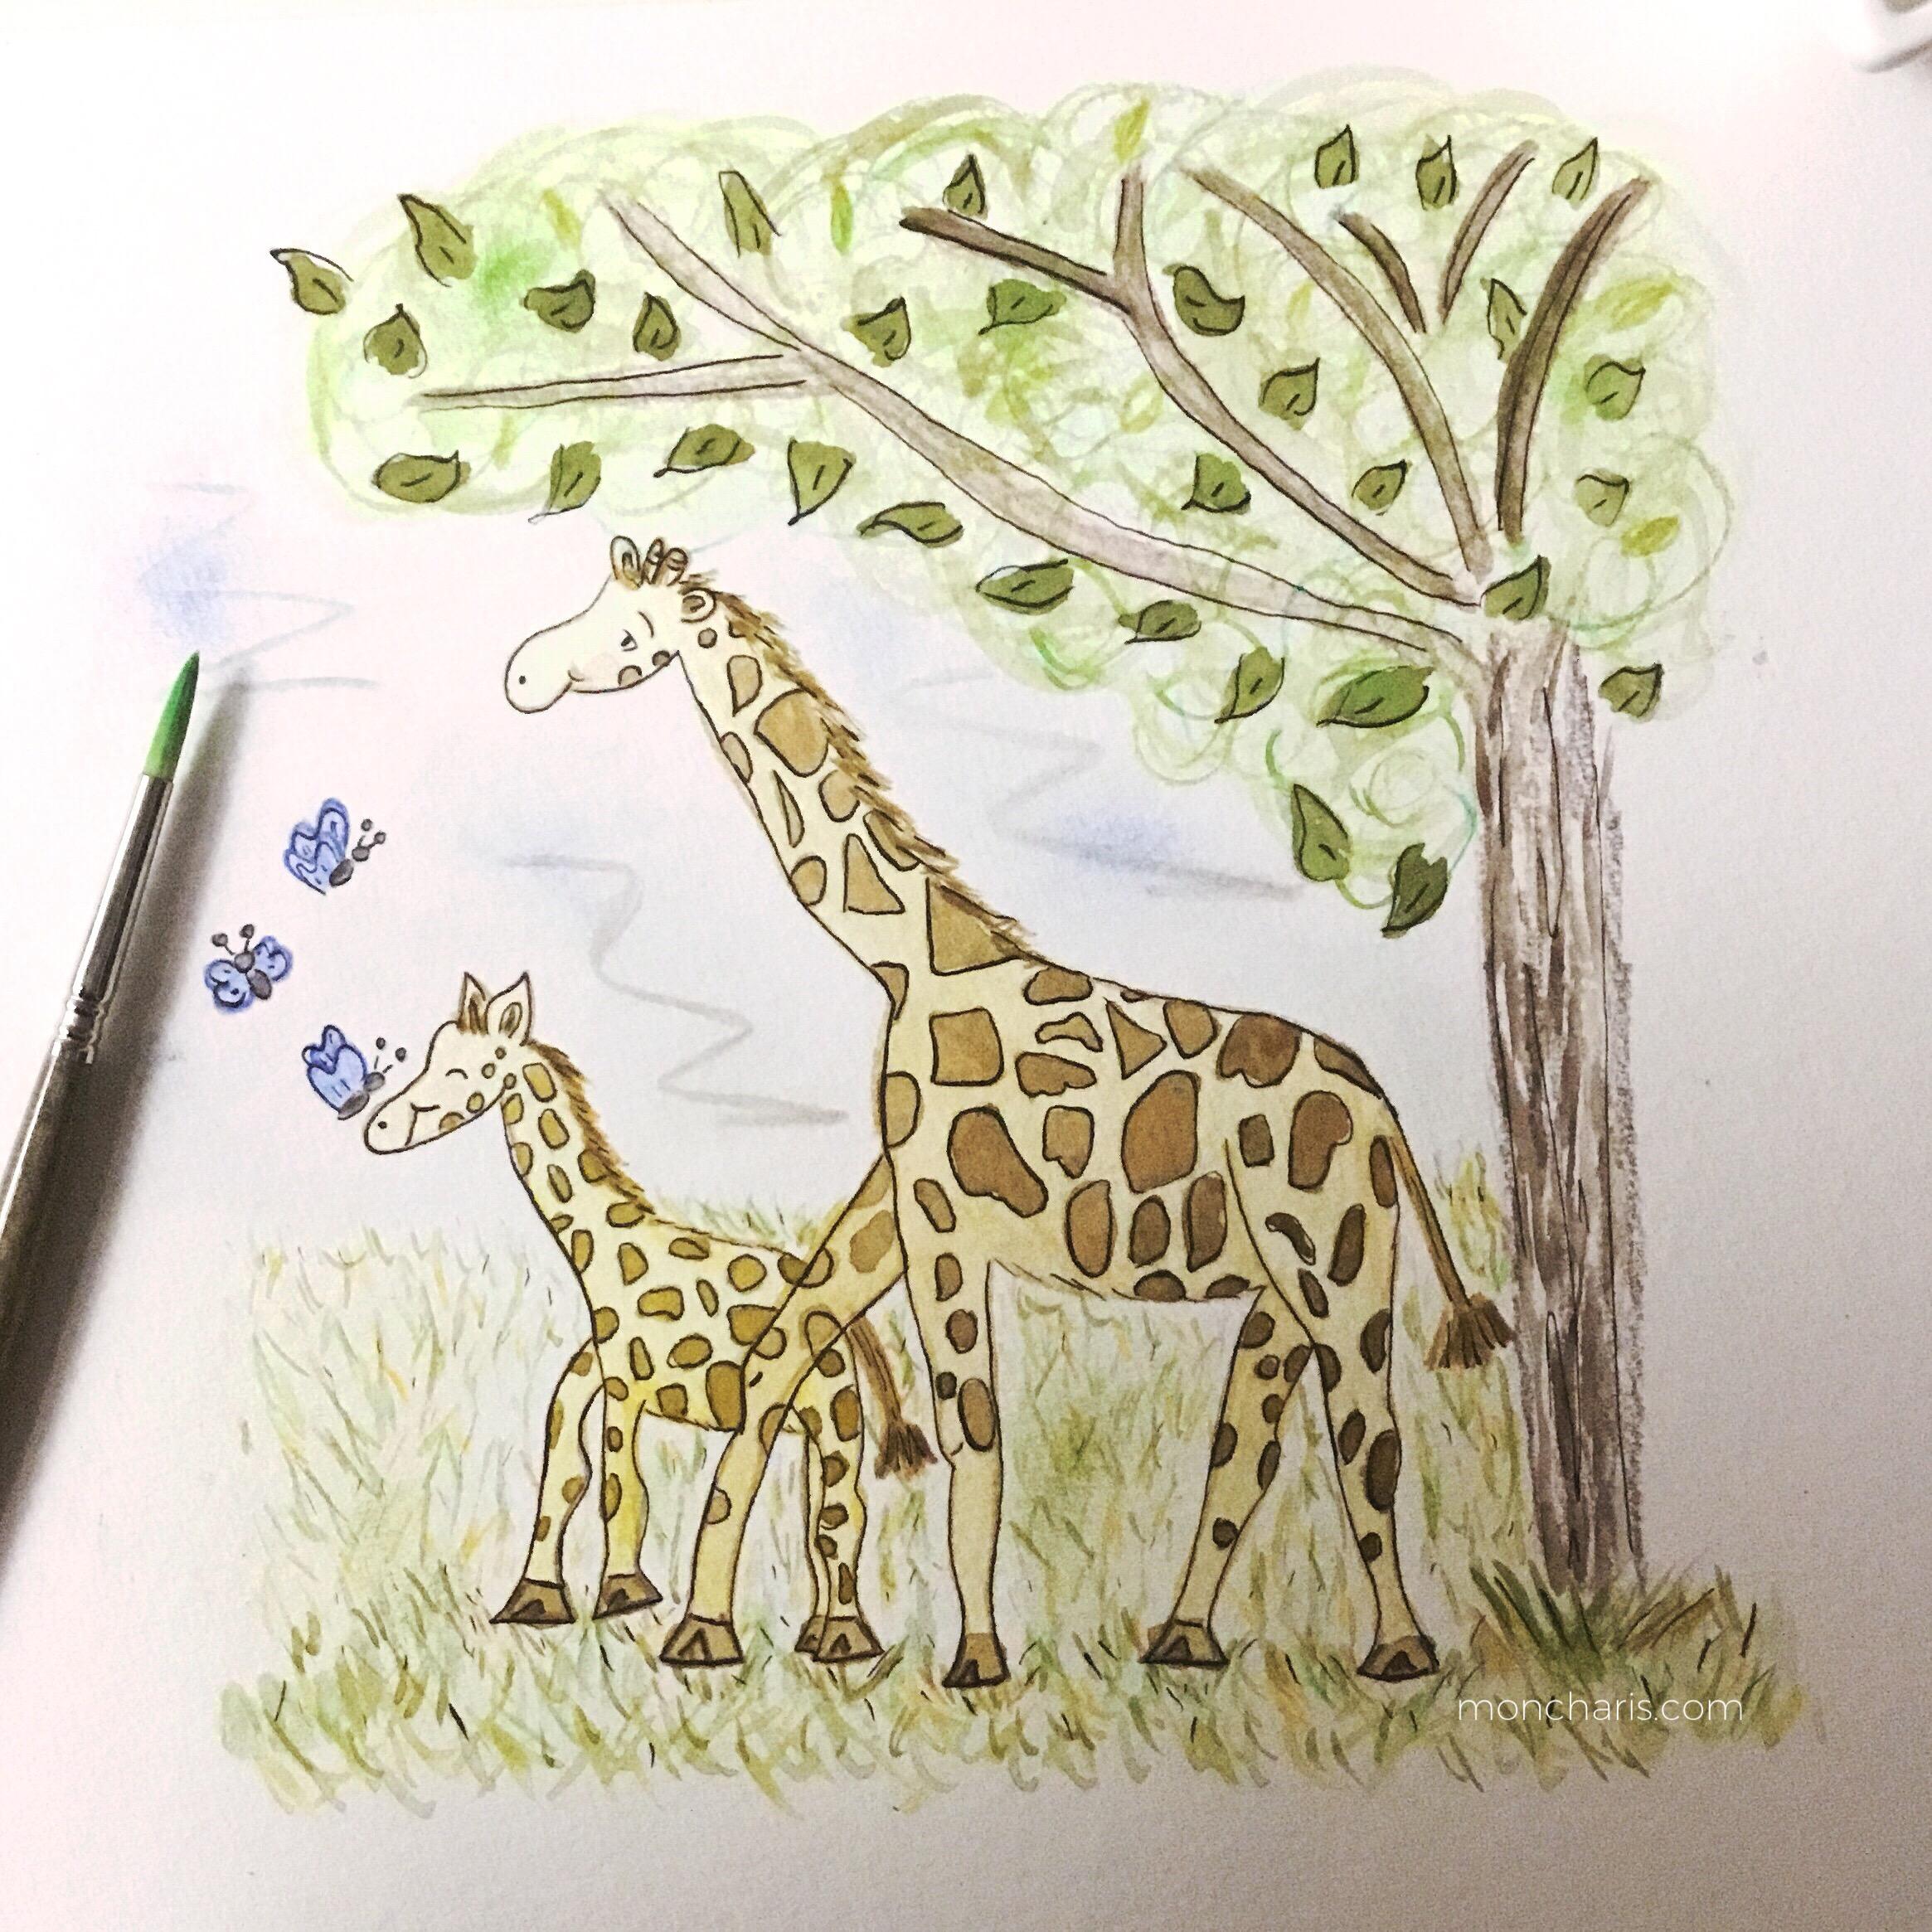 giraffe-moncharis-2.JPG